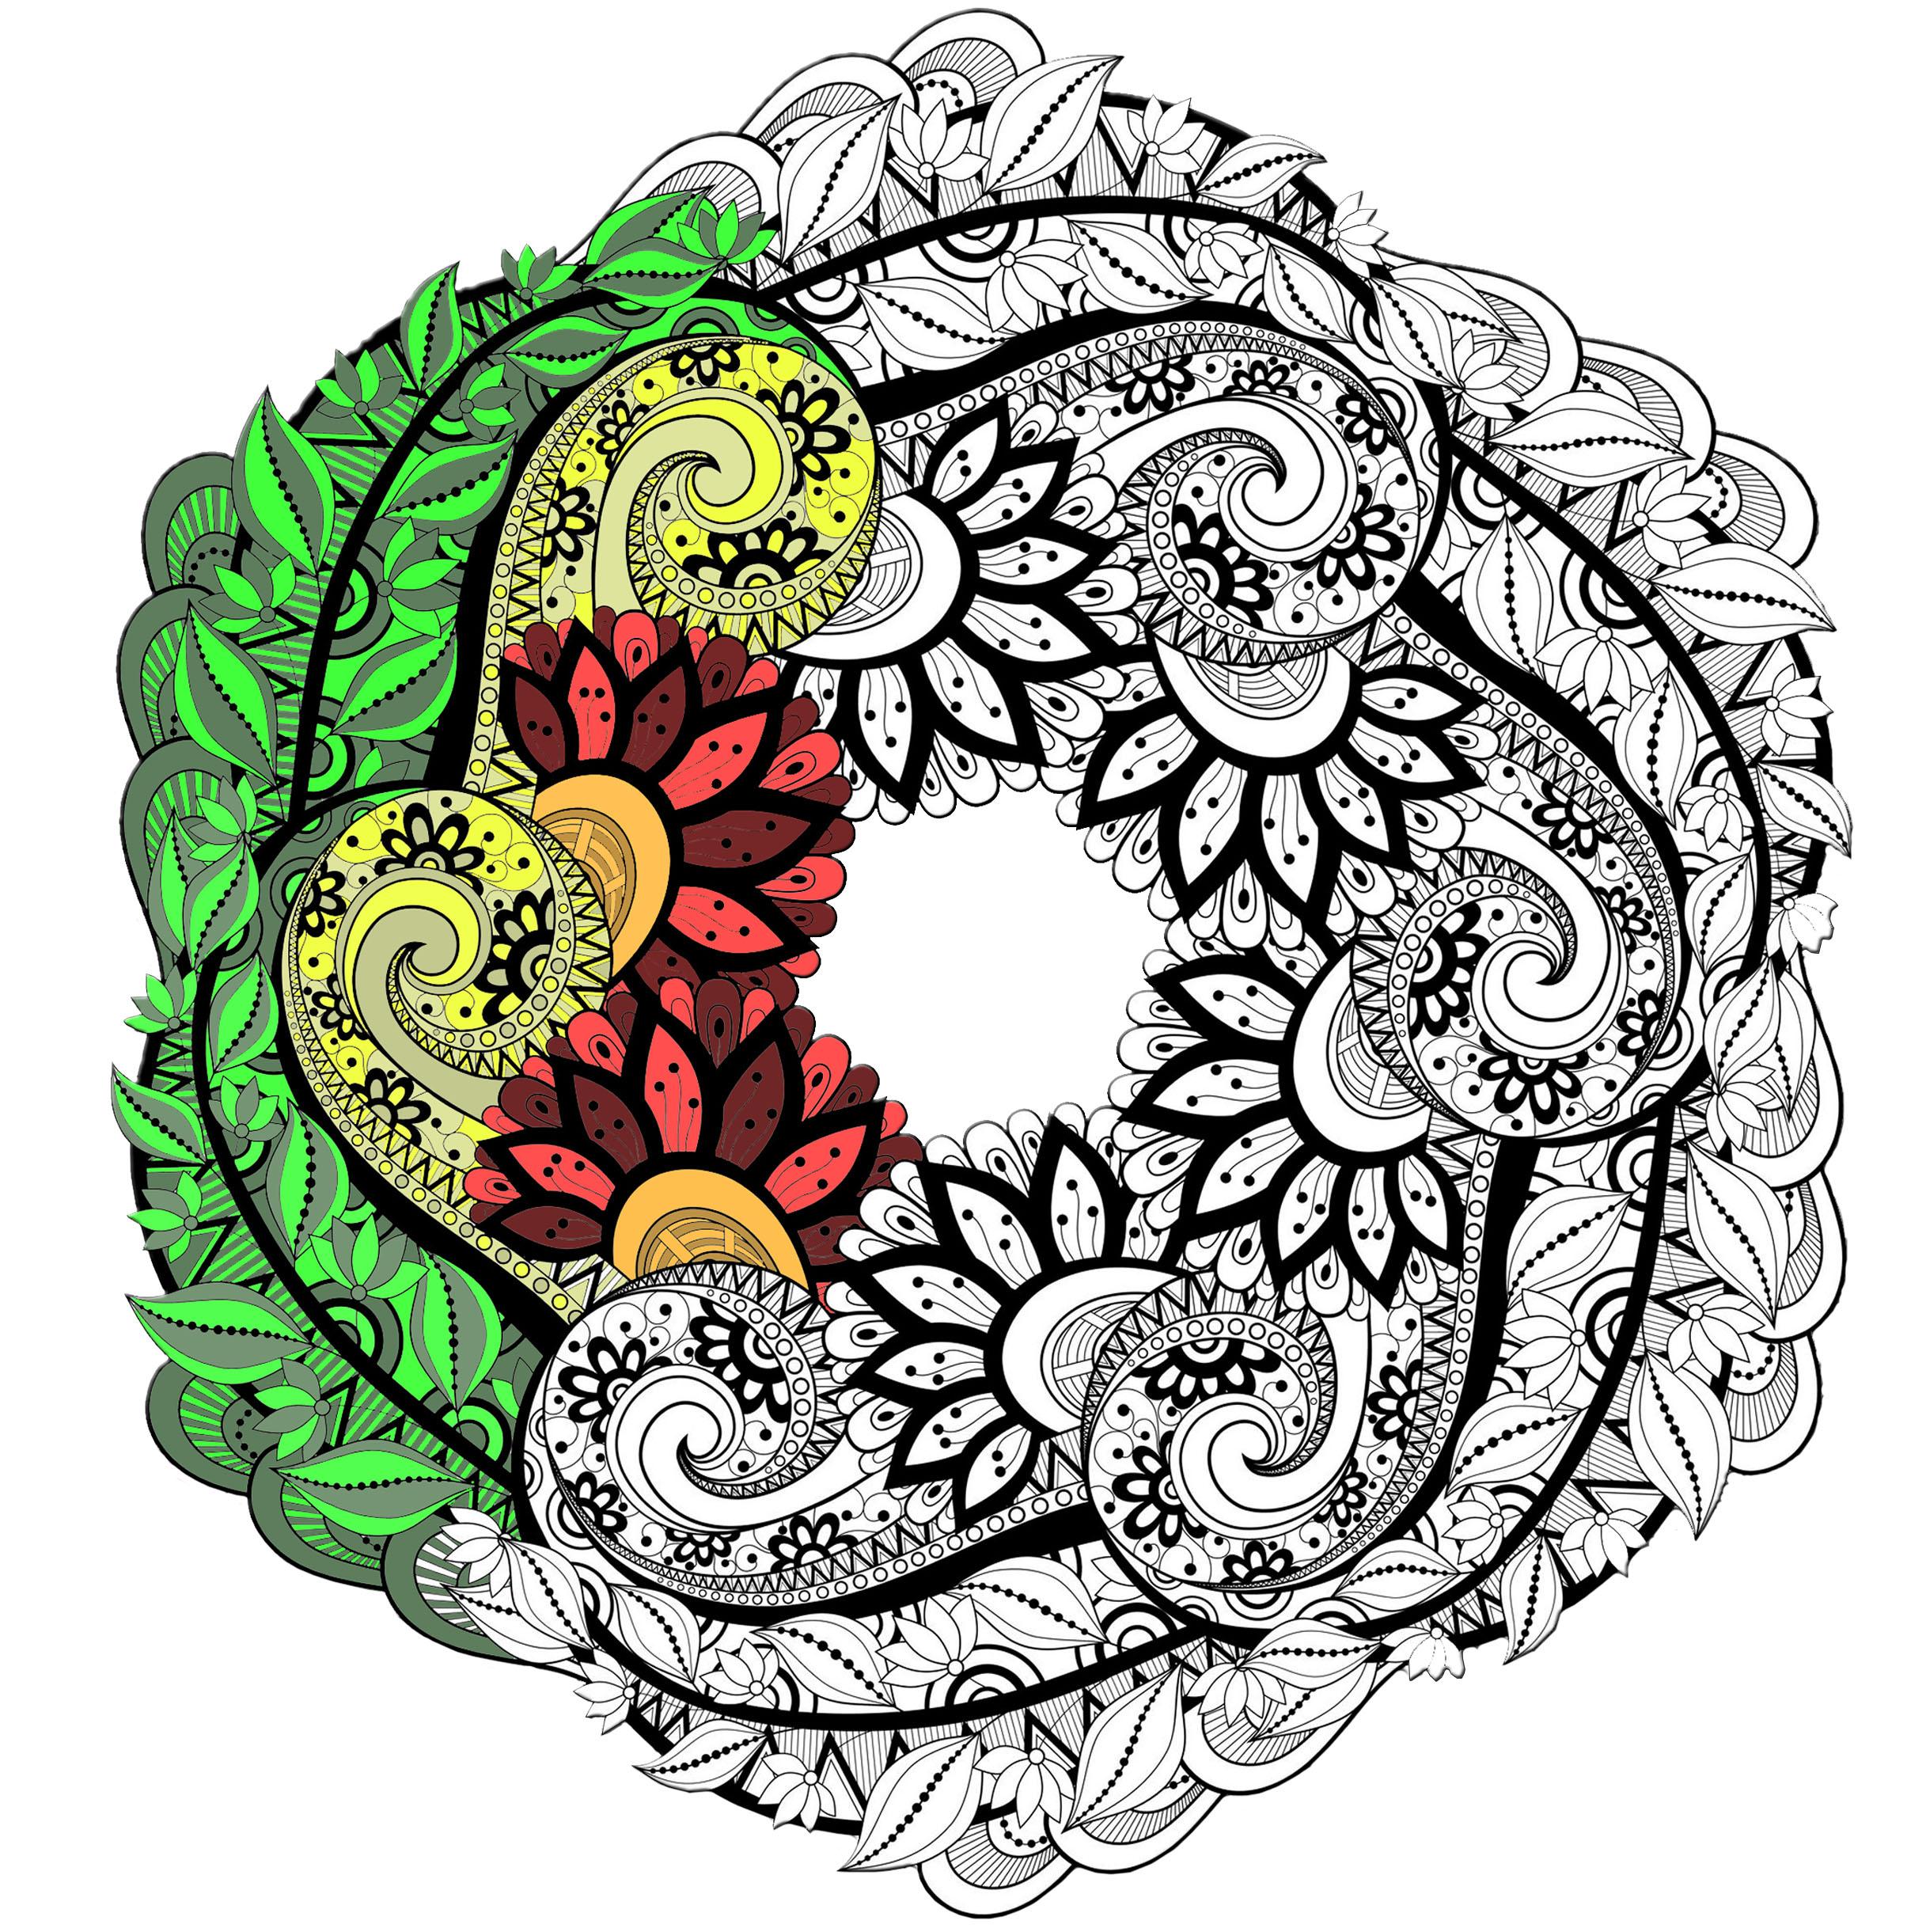 Coloriage Gratuit Imprimer Mandala.Mandalas Coloriages Difficiles Pour Adultes